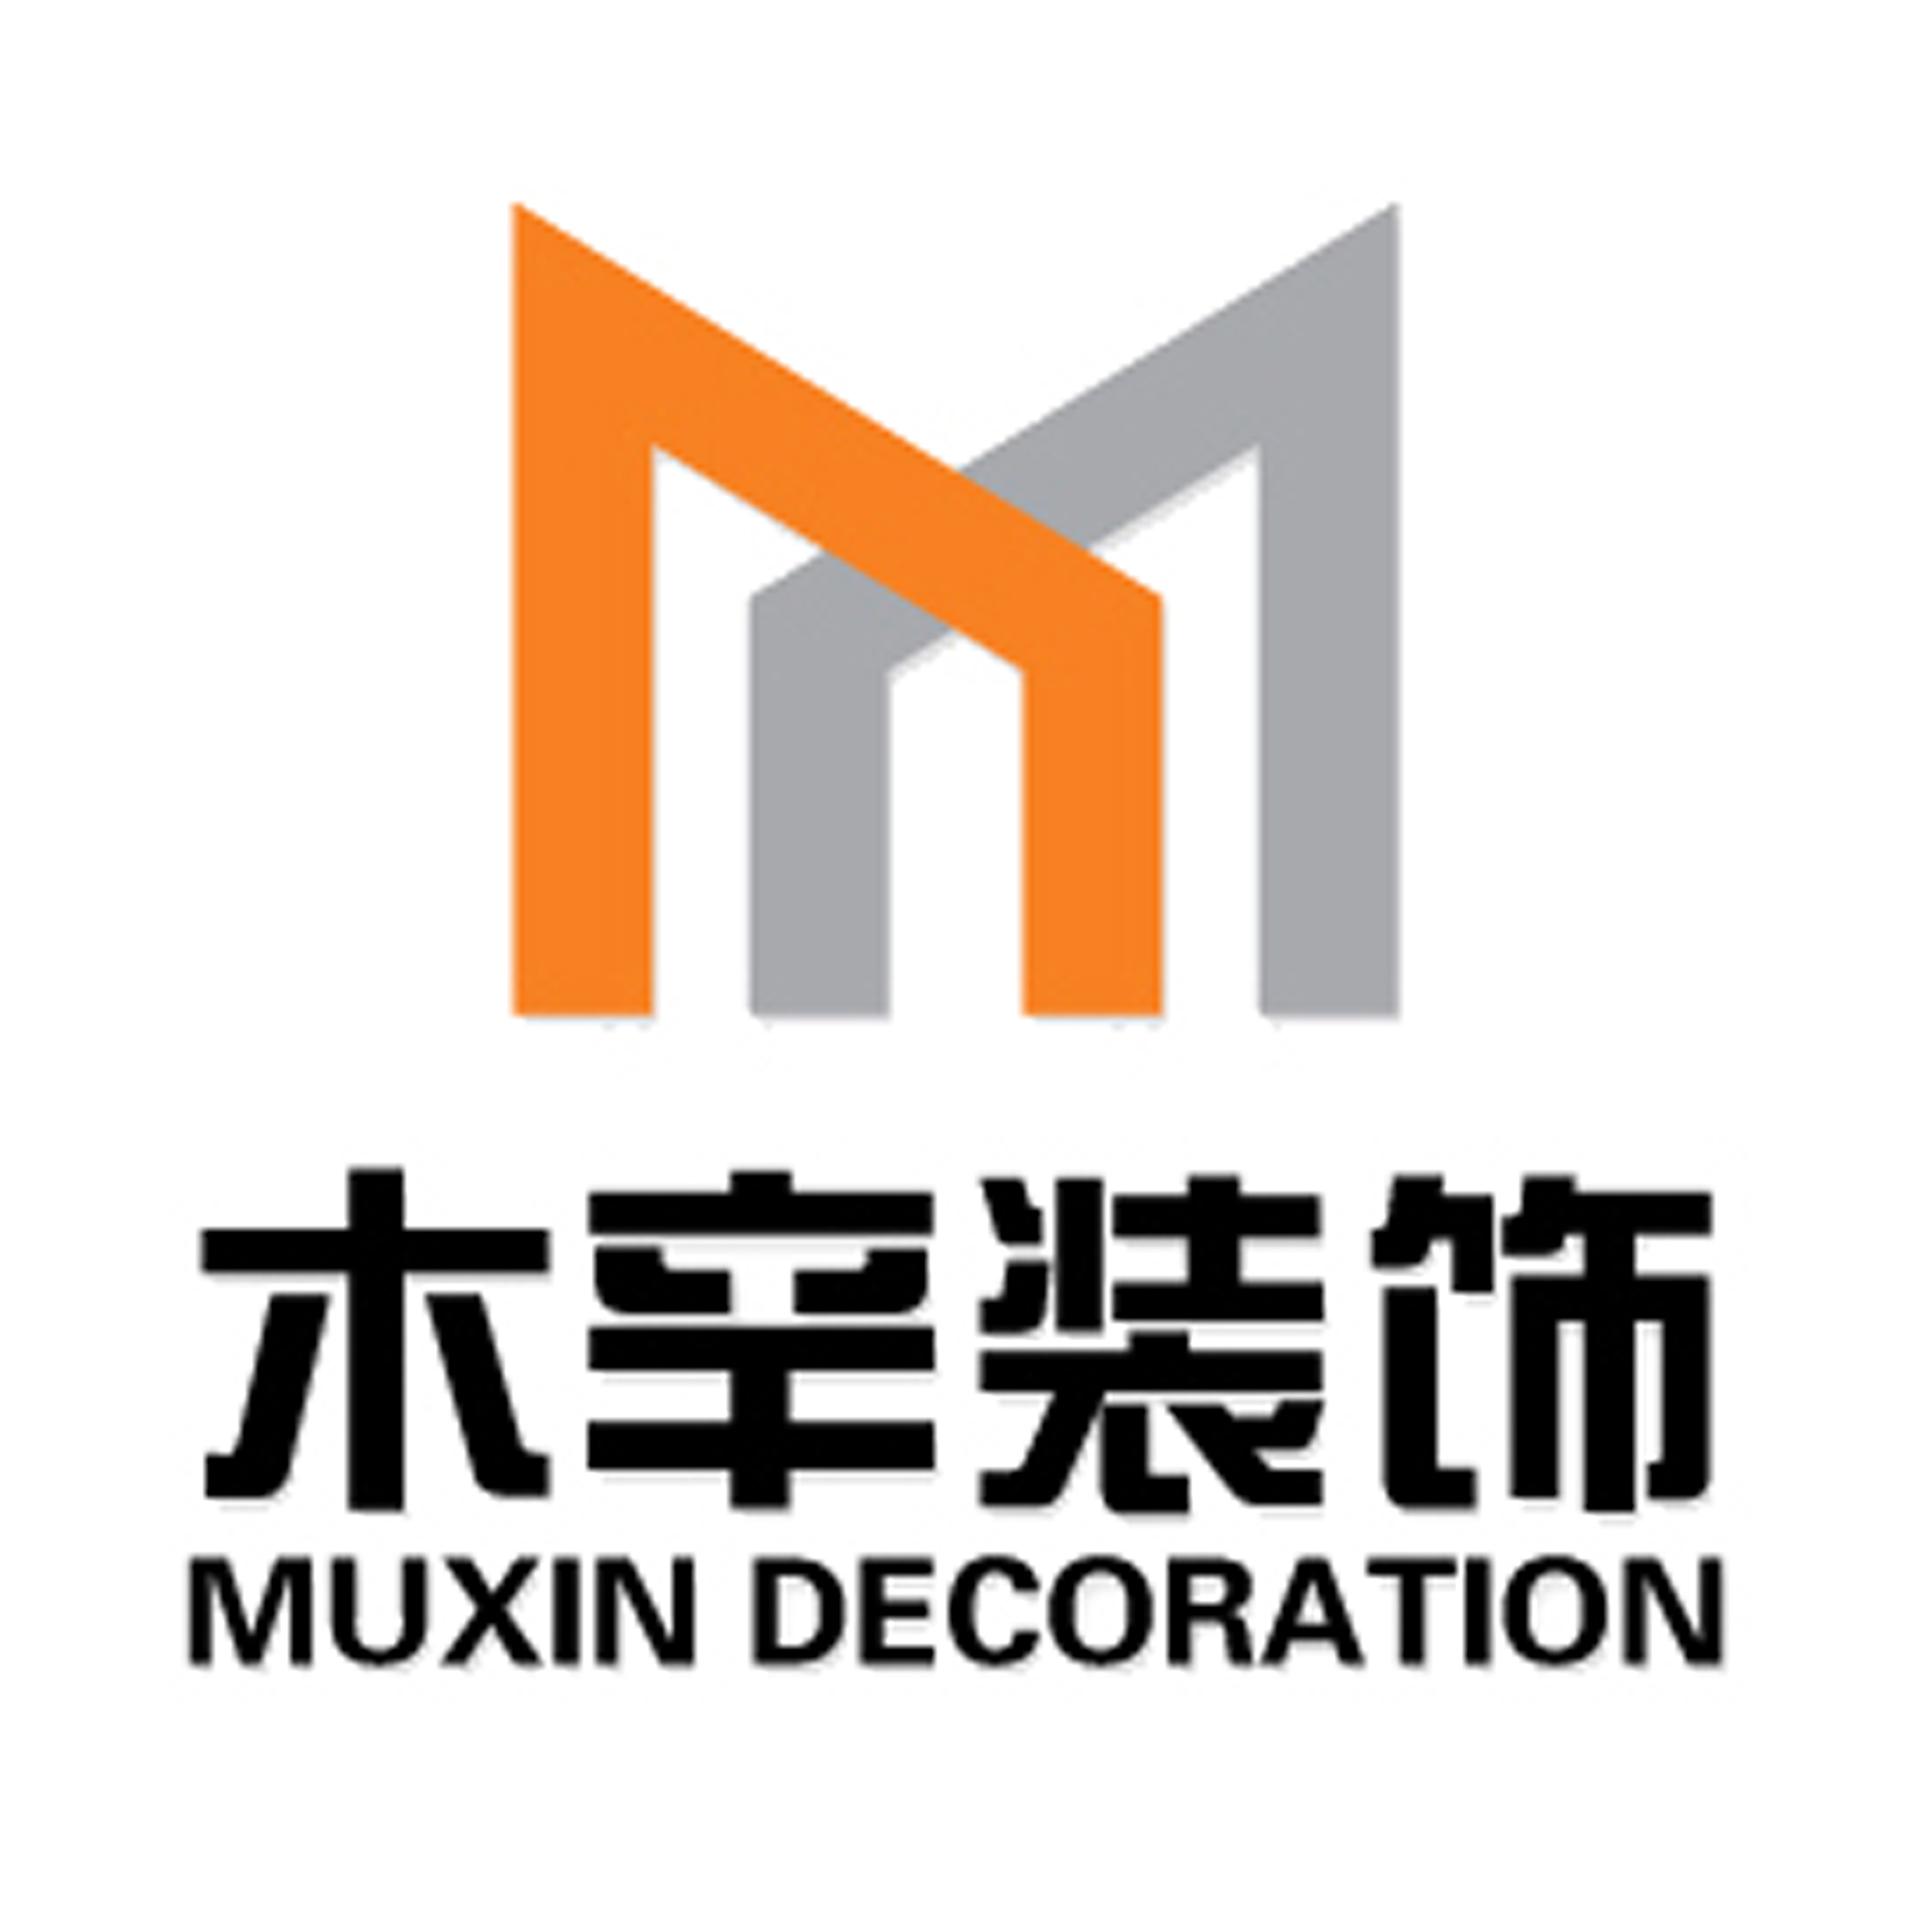 木辛装饰工程有限公司